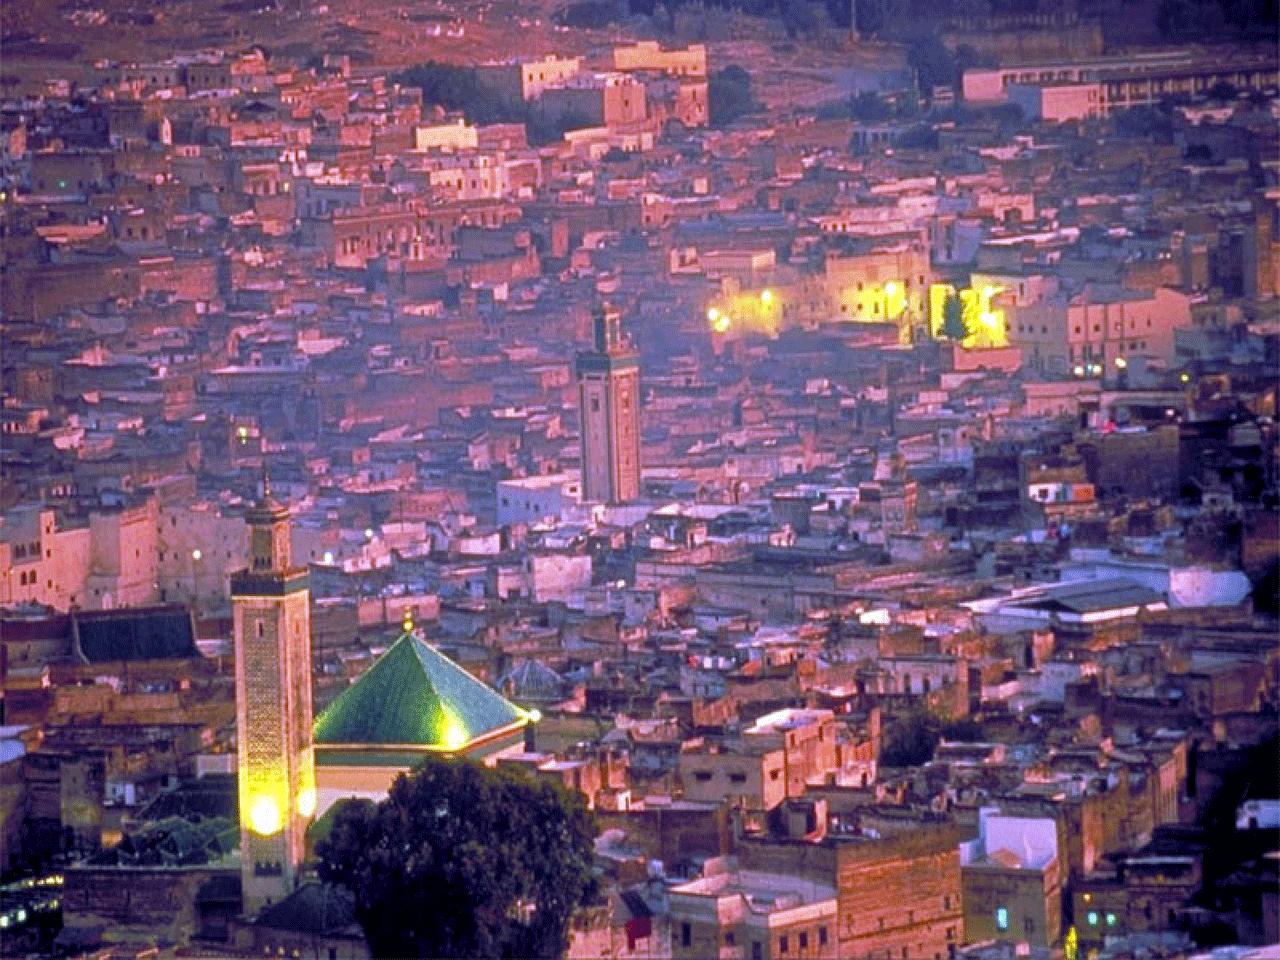 小城故事多 情迷摩洛哥千年古城的伊斯兰风情图片